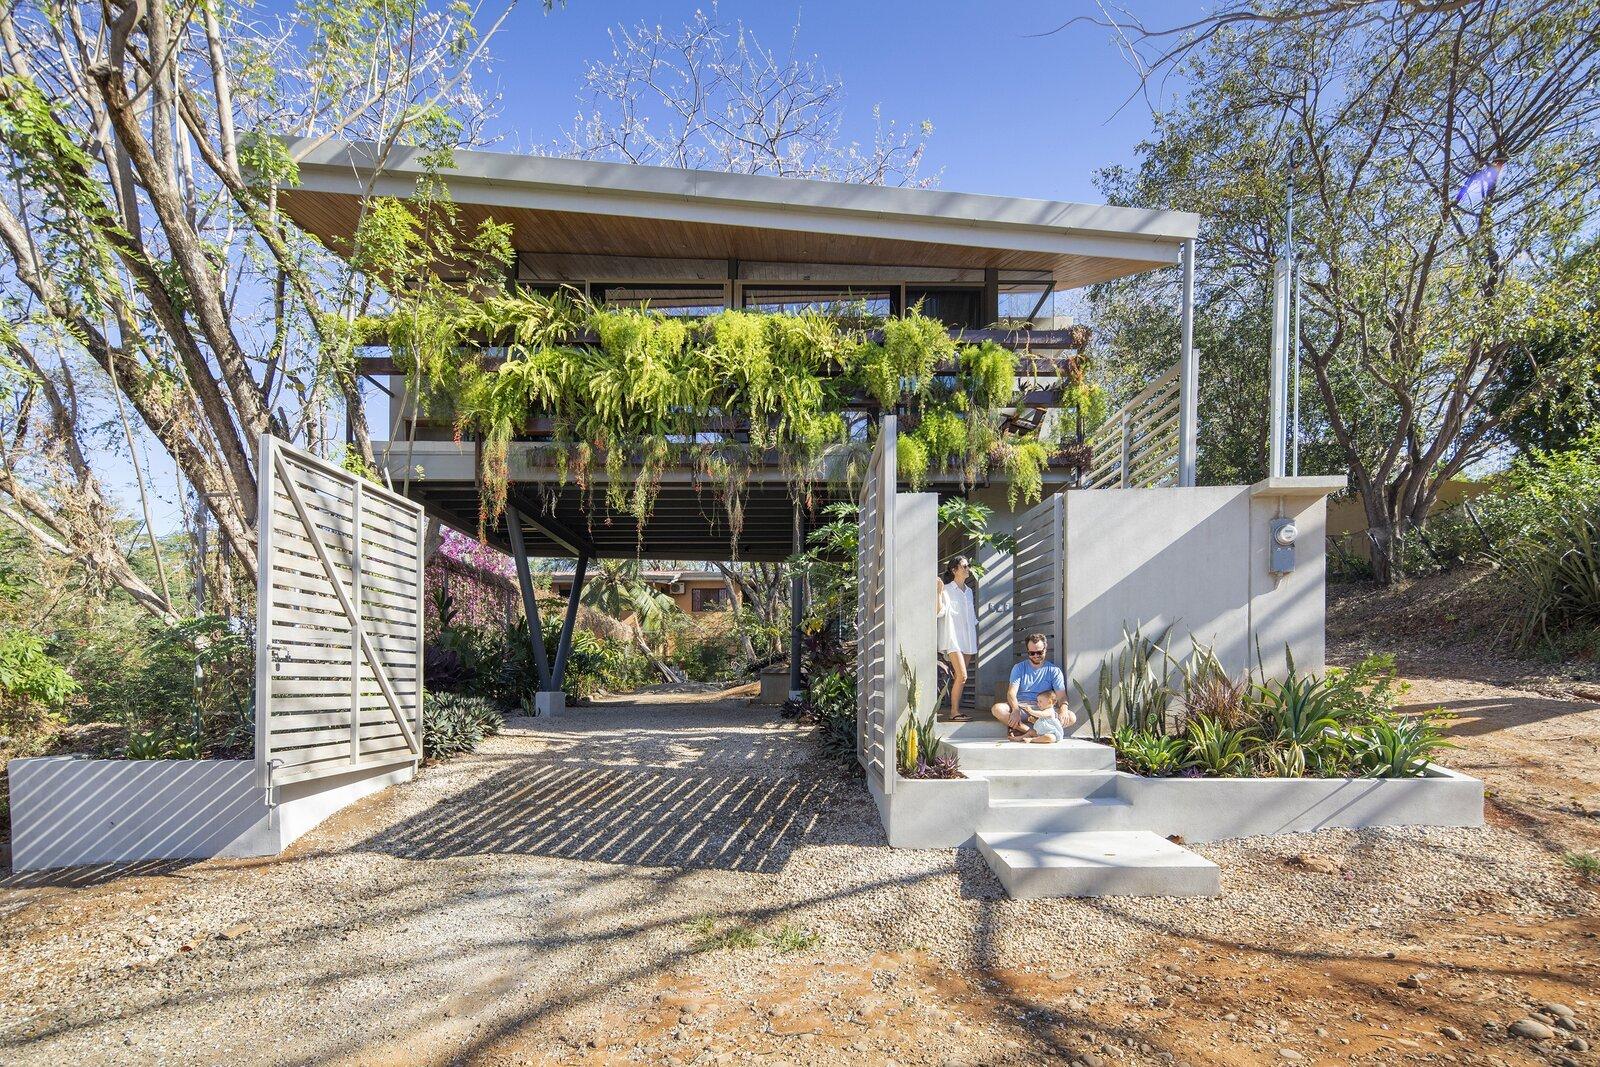 Casa Jardin by LSD Architects